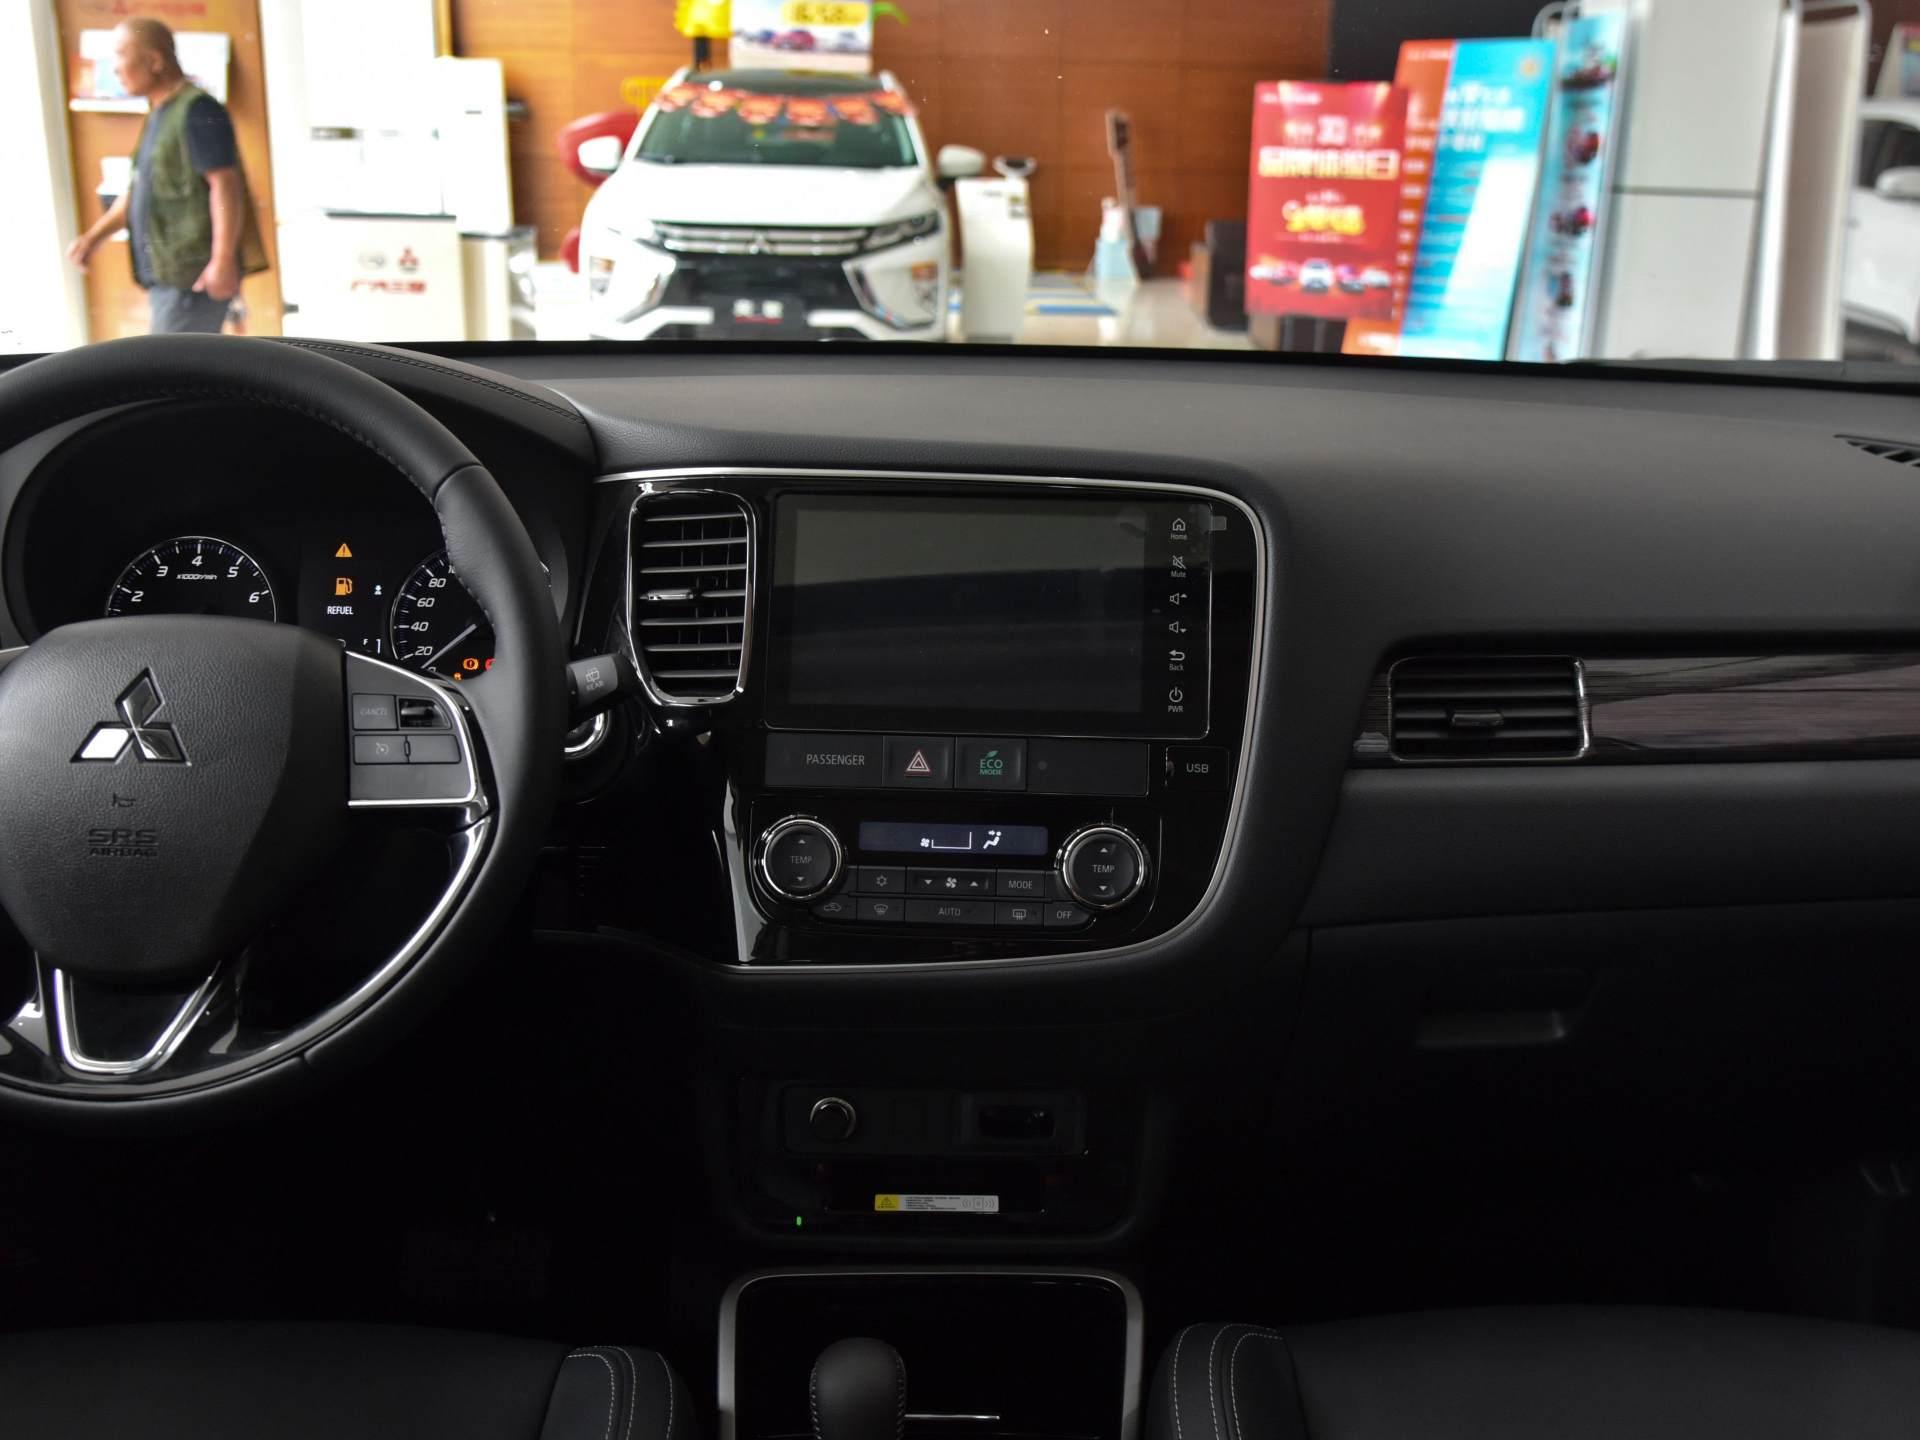 15萬買合資SUV的新選擇,這車比哈弗H6更穩定,比CRV便宜,空間也不小-圖4